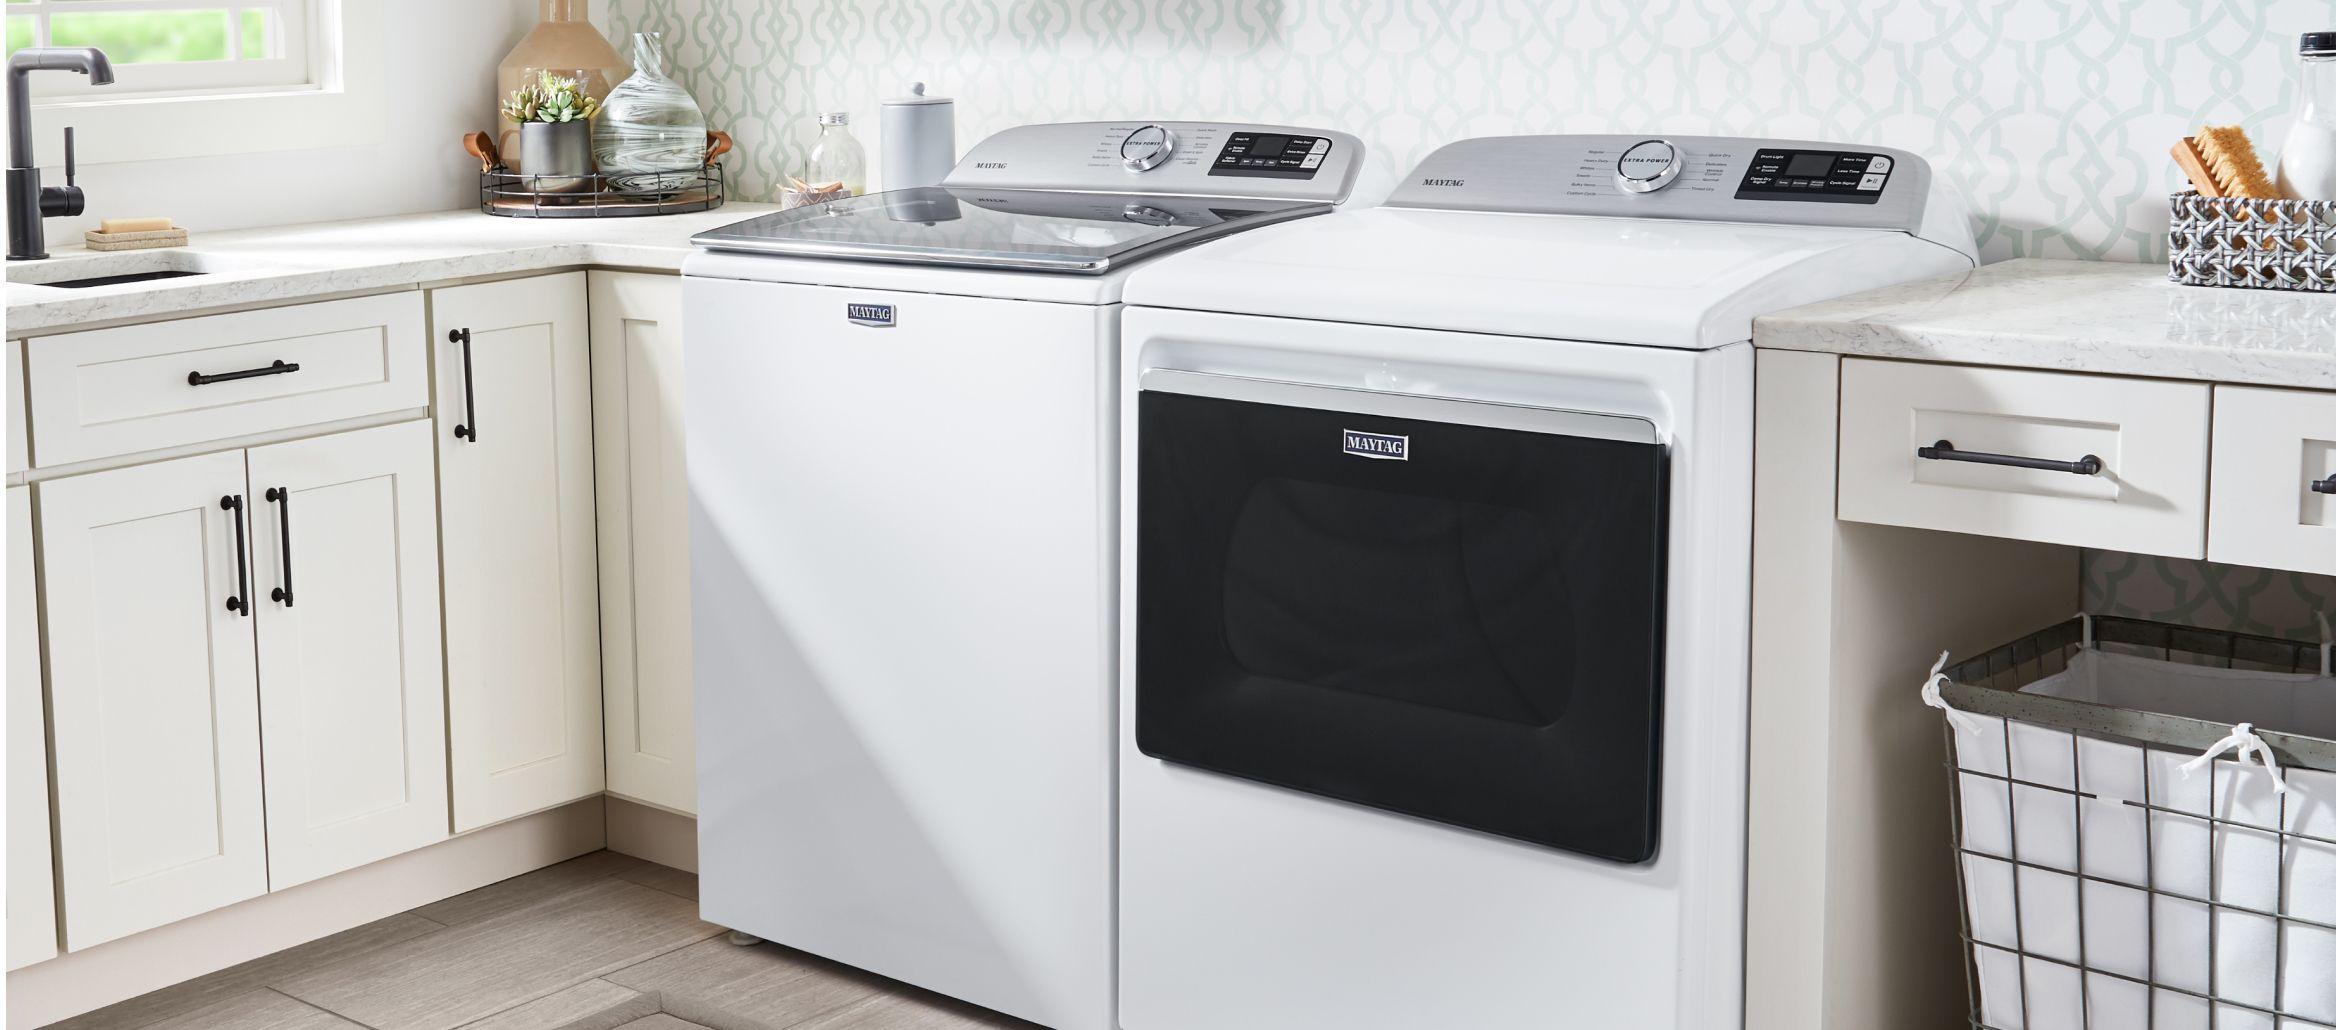 Maytag® Dryer.